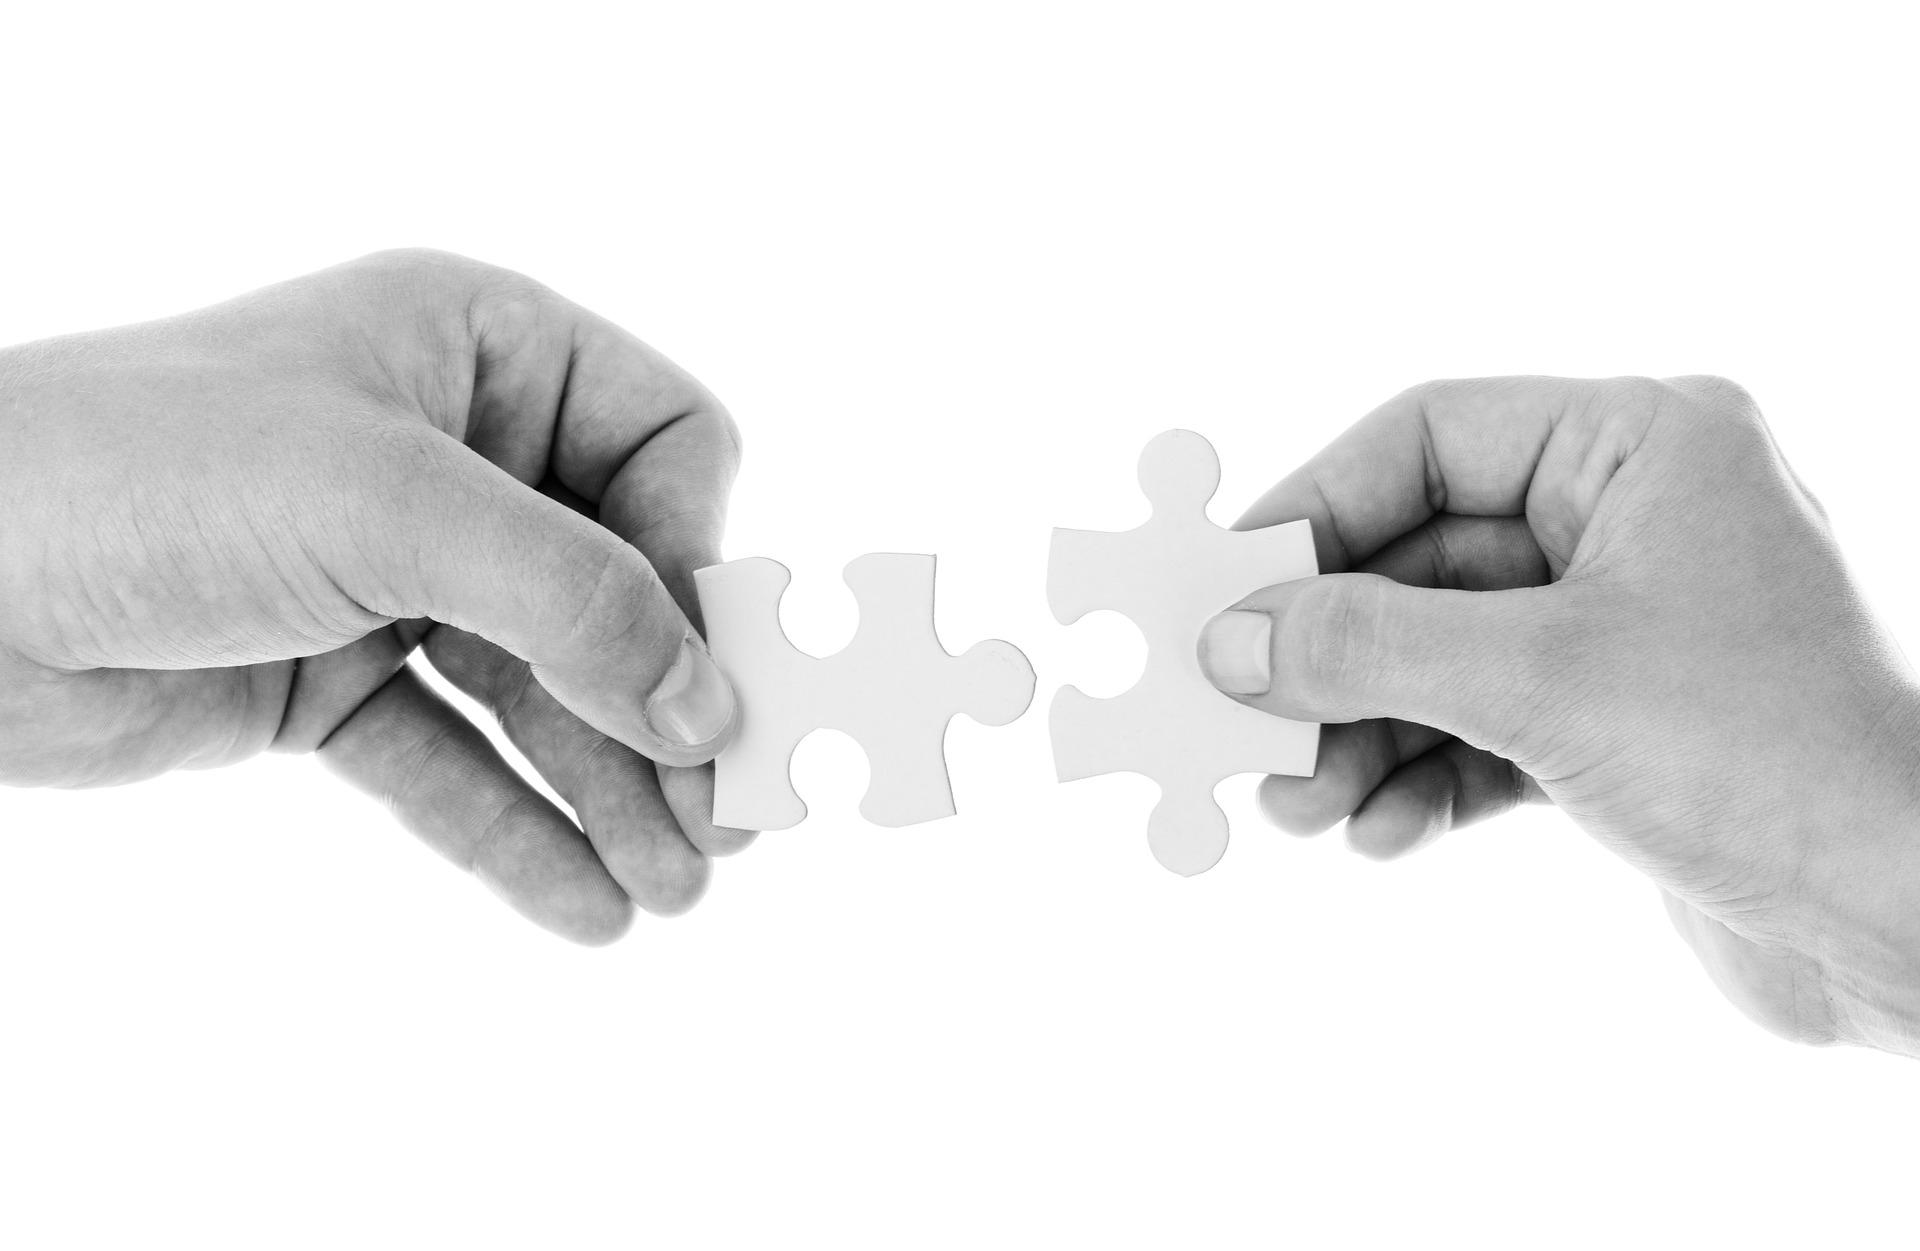 Effektivt samarbejde